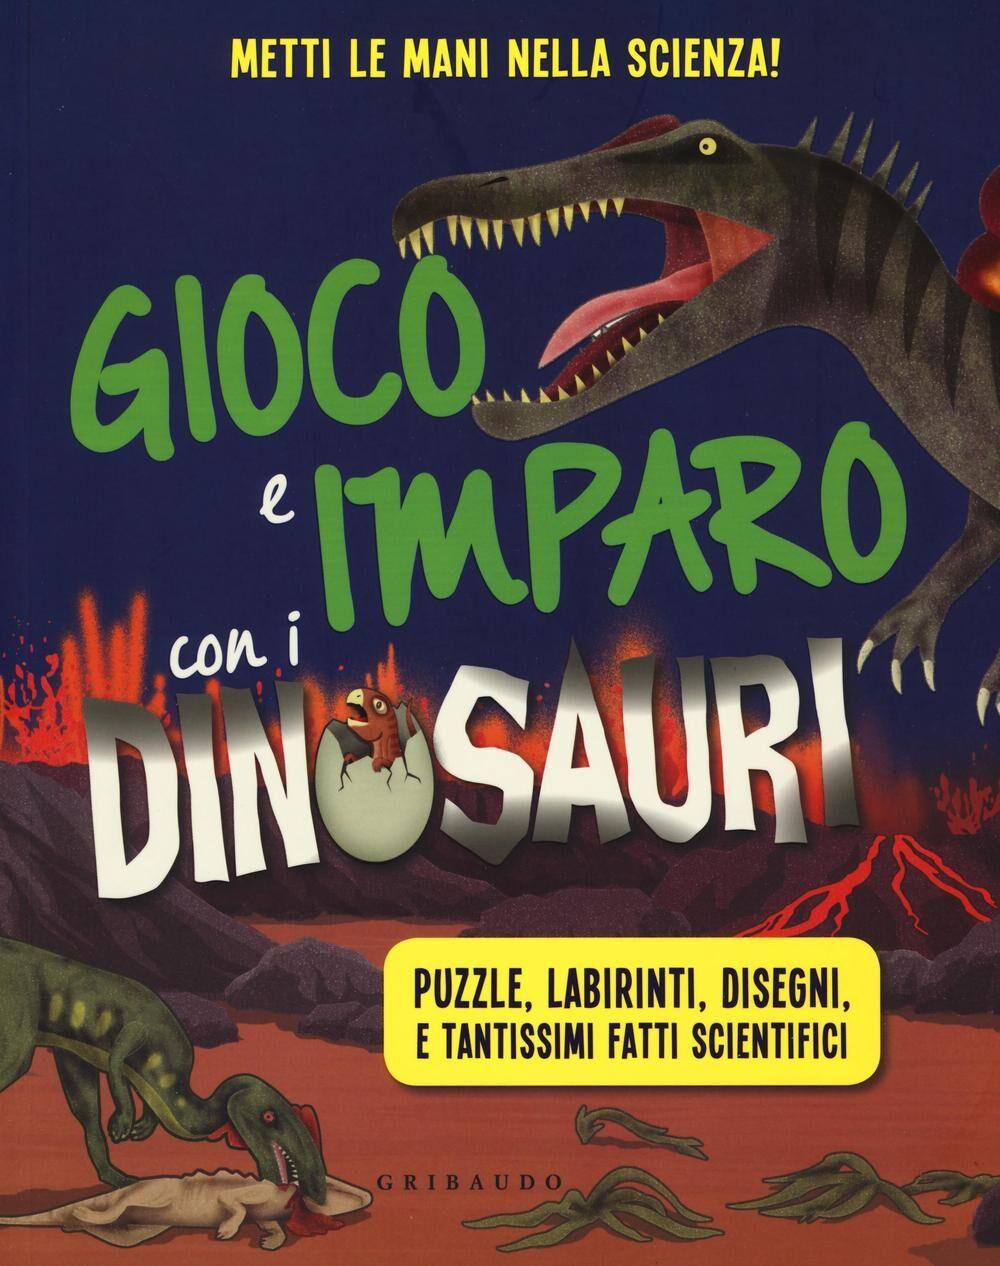 Gioco e imparo con i dinosauri